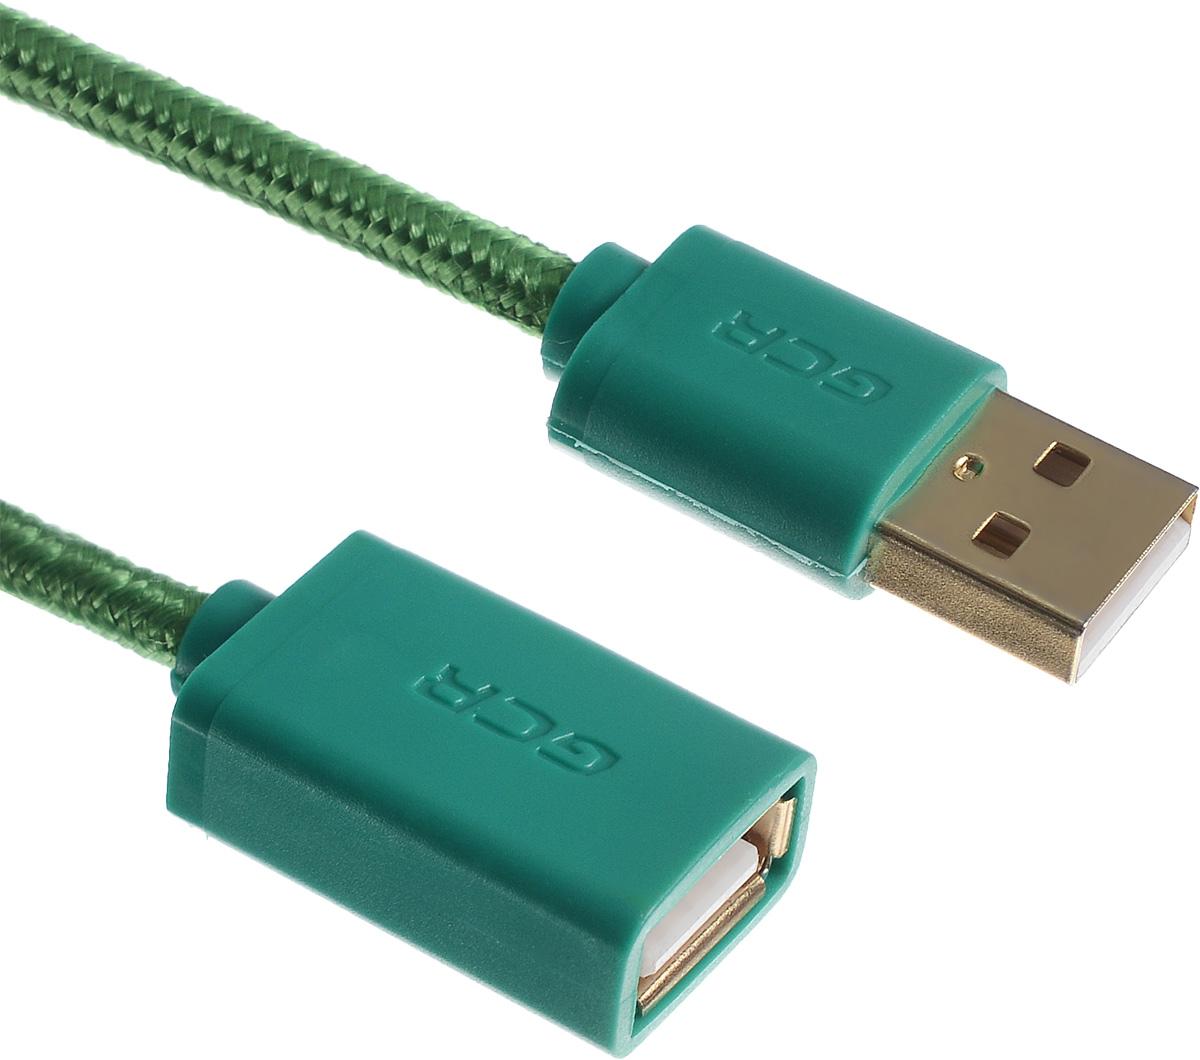 Greenconnect Russia GCR-UEC8M5-BB2SG, Green удлинитель USB 2.0 (0,15 м)GCR-UEC8M5-BB2SG-0.15mКабель-удлинитель USB 2.0 Greenconnect Russia GCR-UEC8M5-BB2SG позволит увеличить расстояние до подключаемого устройства. Может быть использован с различными USB девайсами. Экранирование кабеля защищает сигнал при передаче от влияния внешних полей, способных создать помехи.